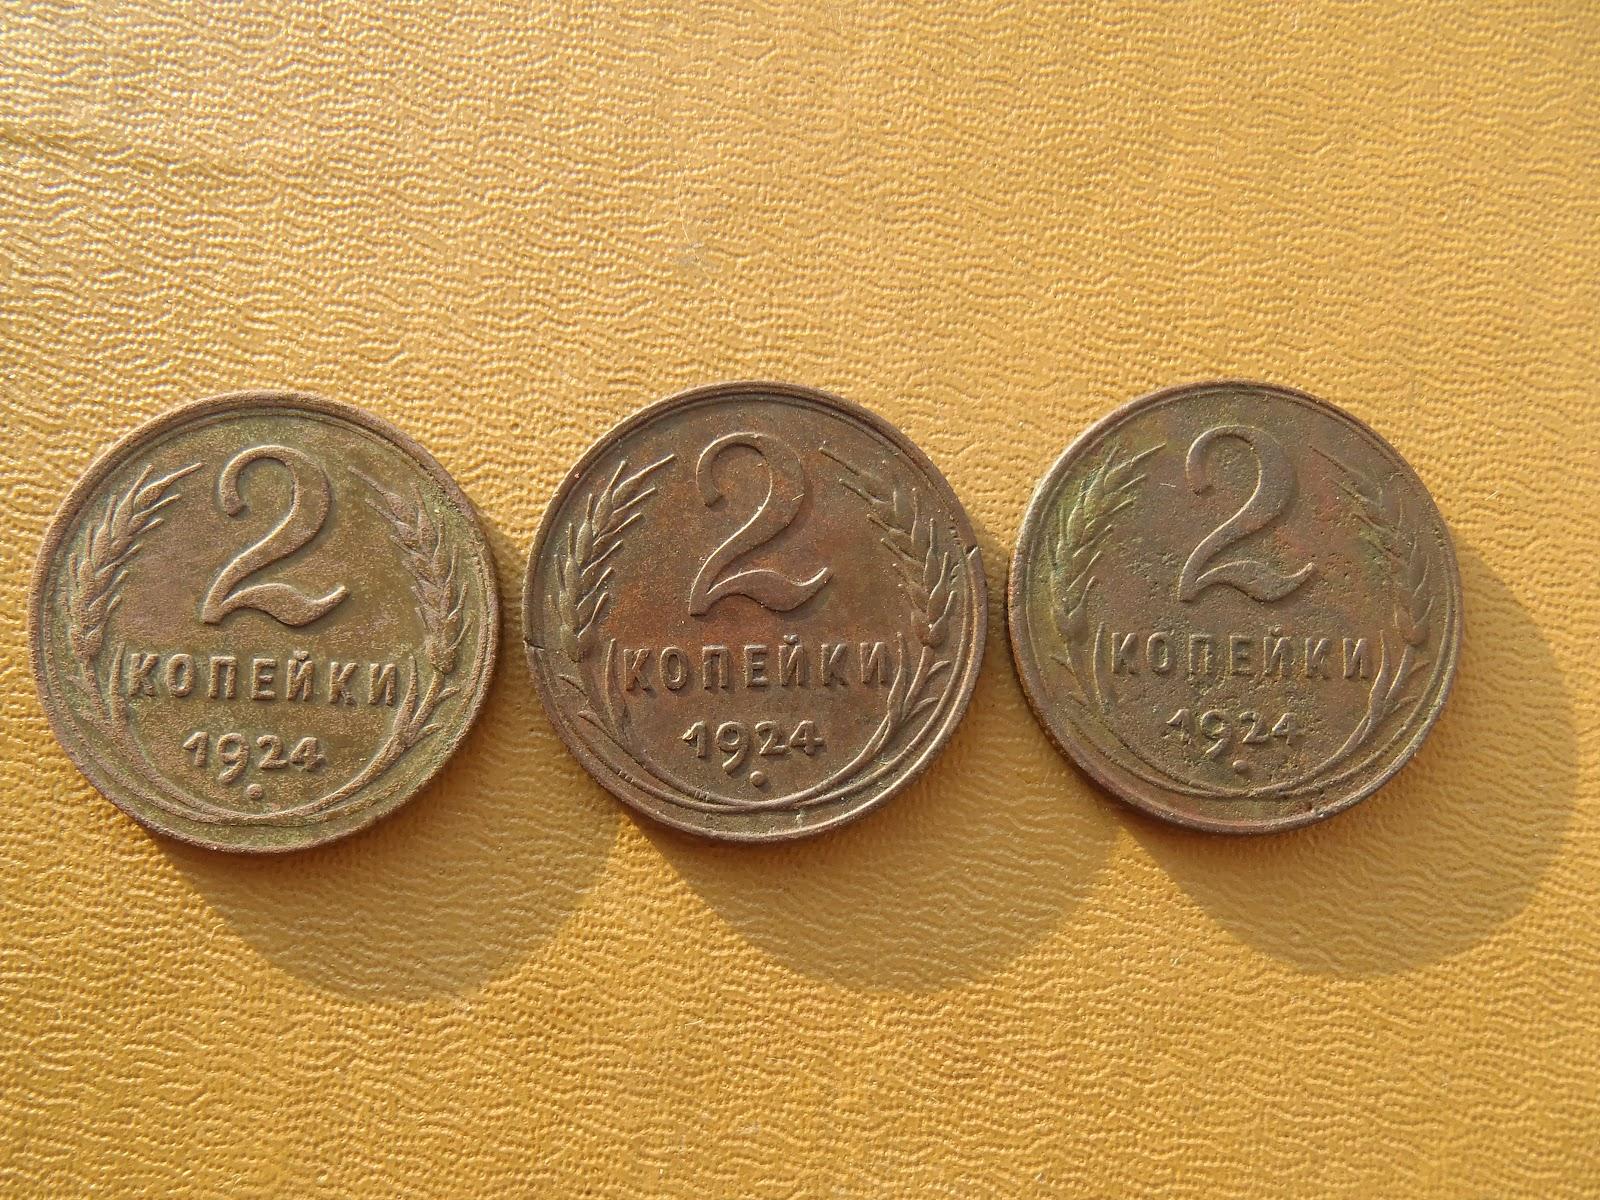 Золотая монета россии цена стоимость современных российских монет